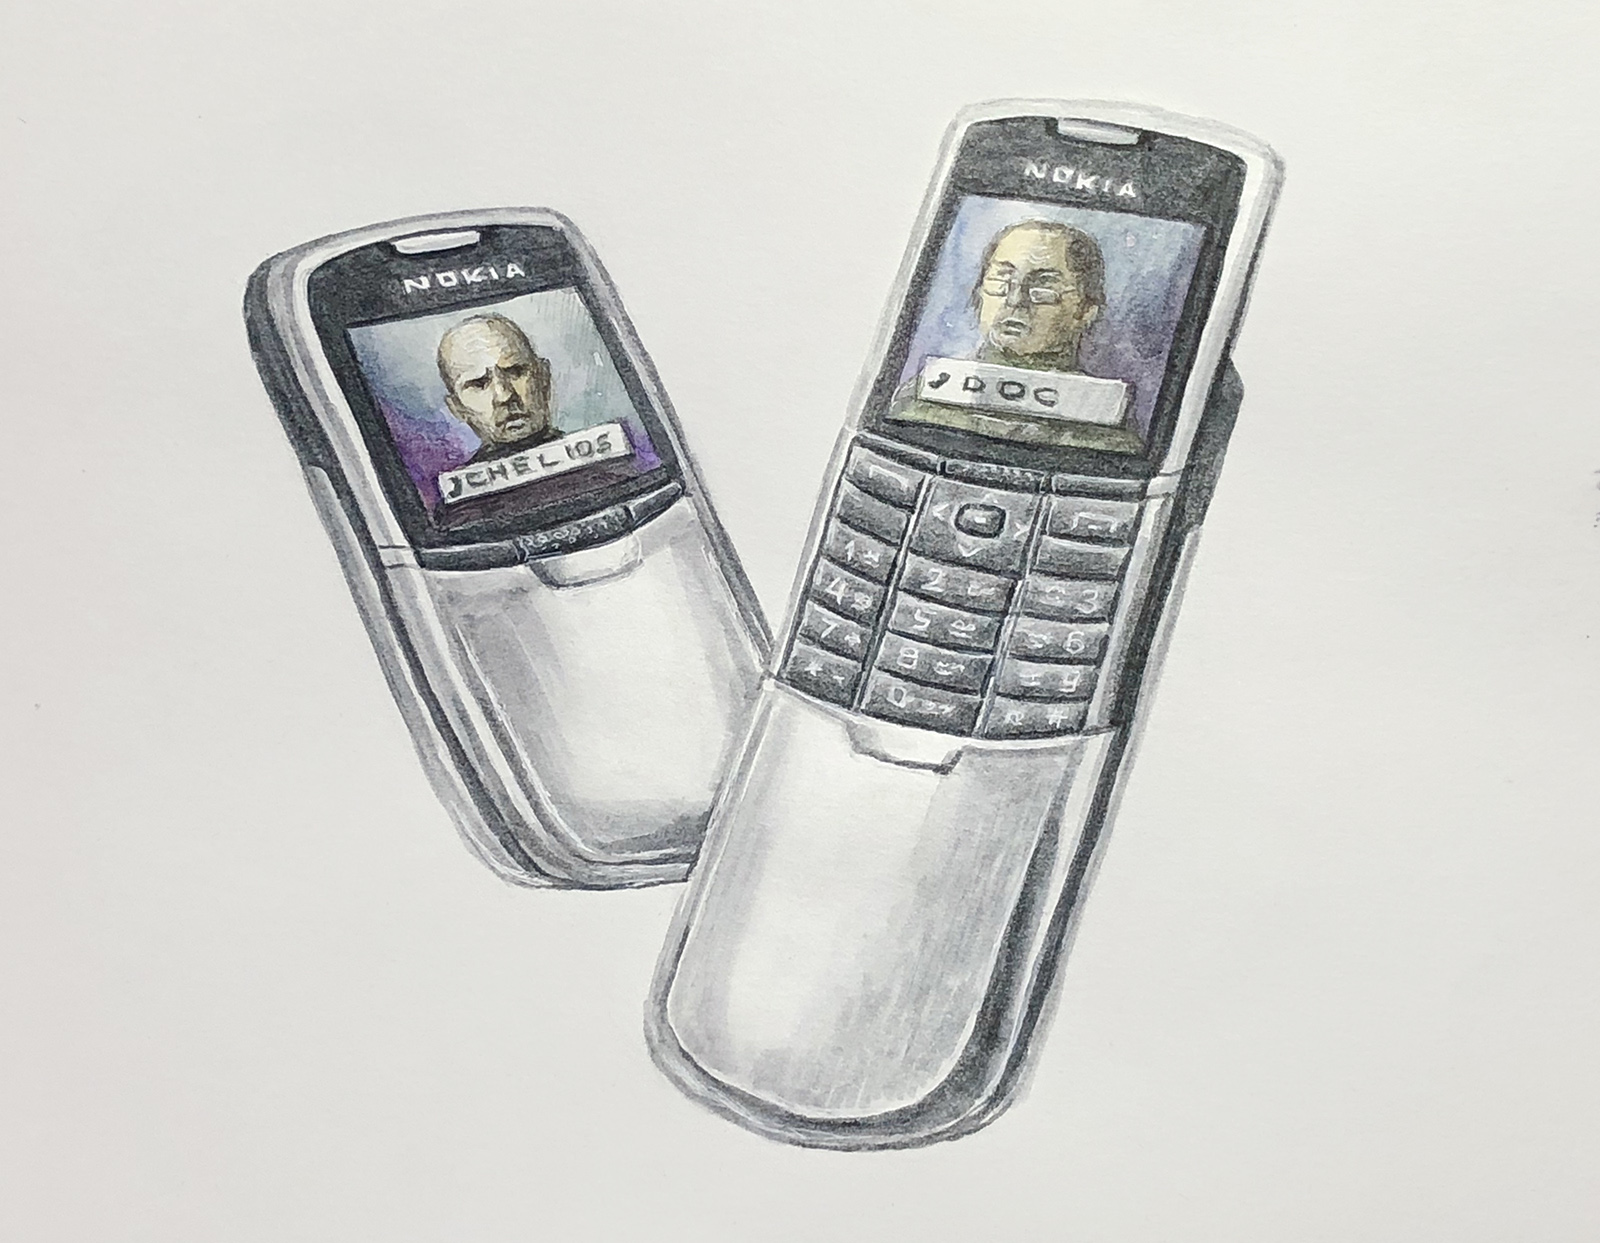 Назад в будущее мобильных телефонов - 6